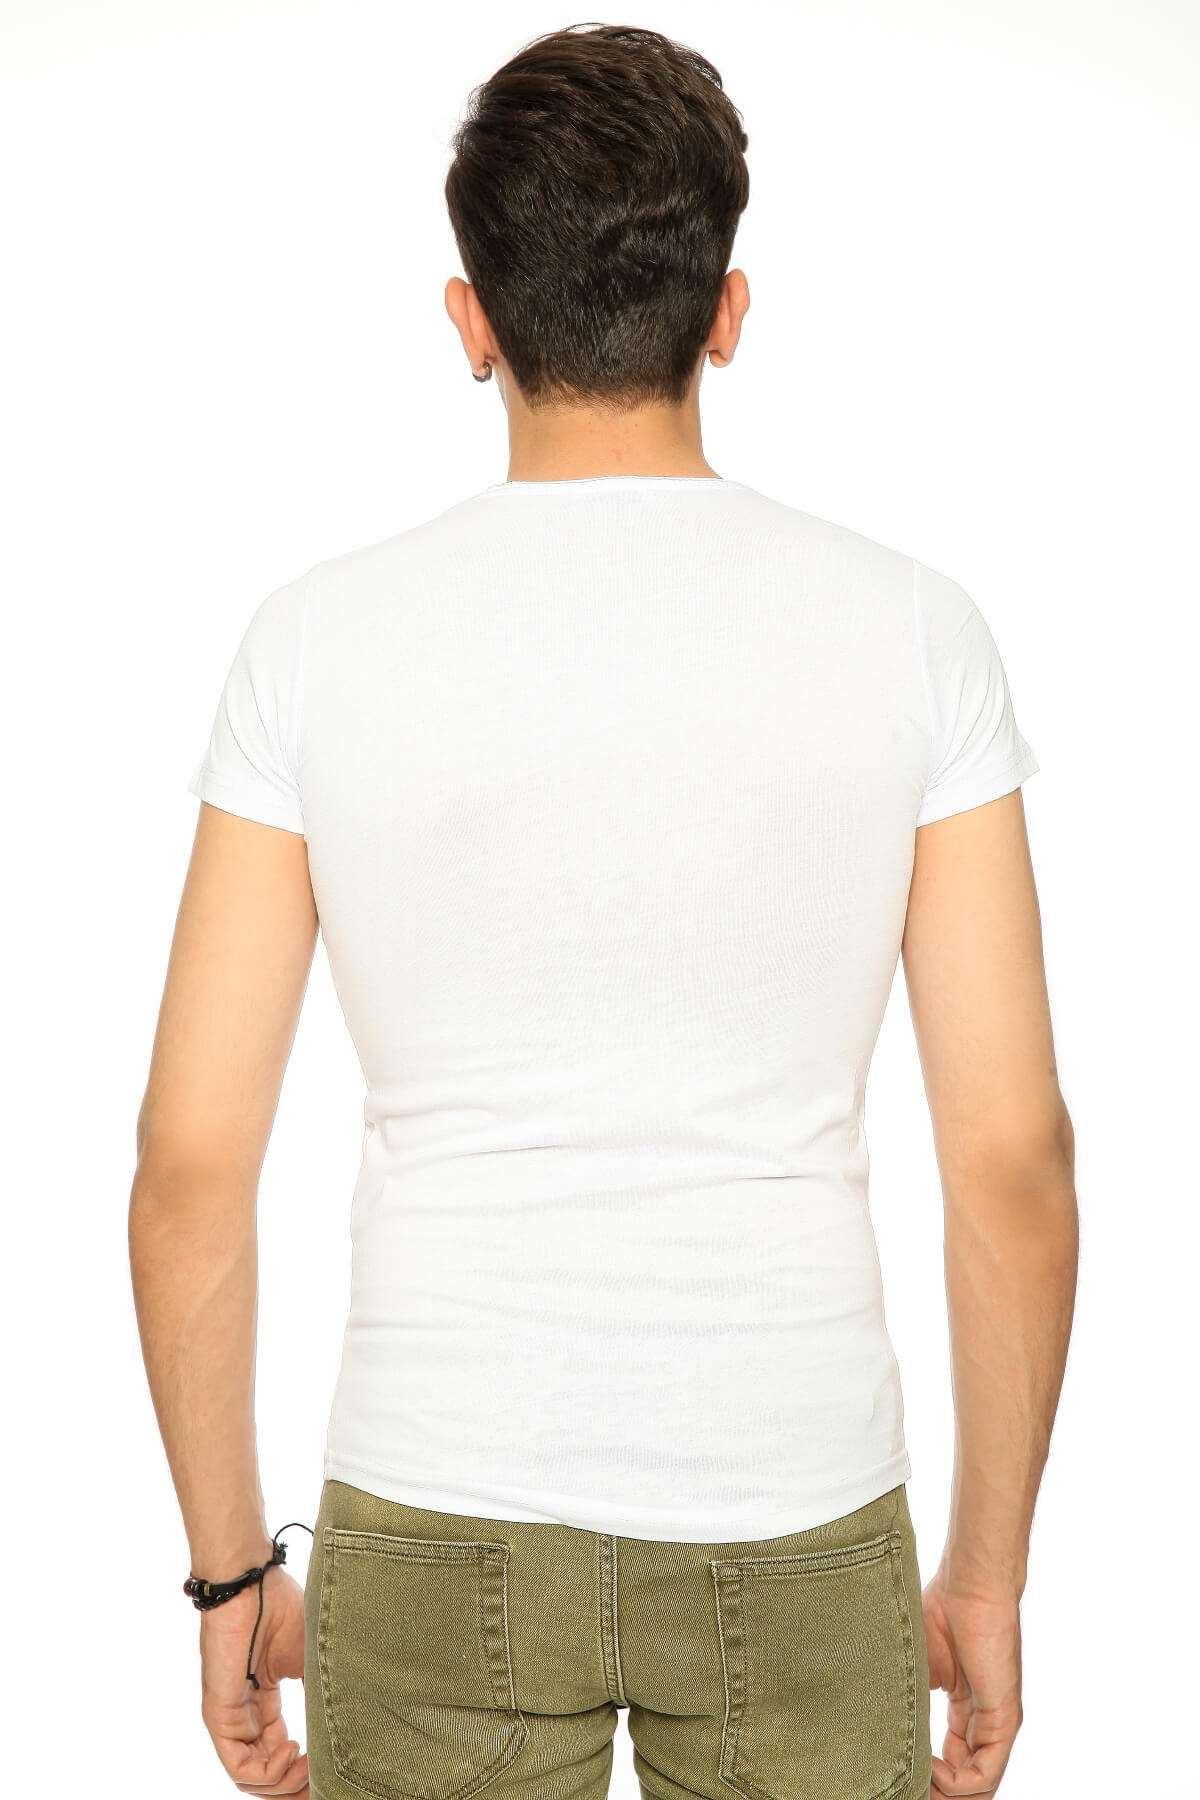 Kuru Kafa Baskılı Kirli Sıfır Yaka Tişört Beyaz